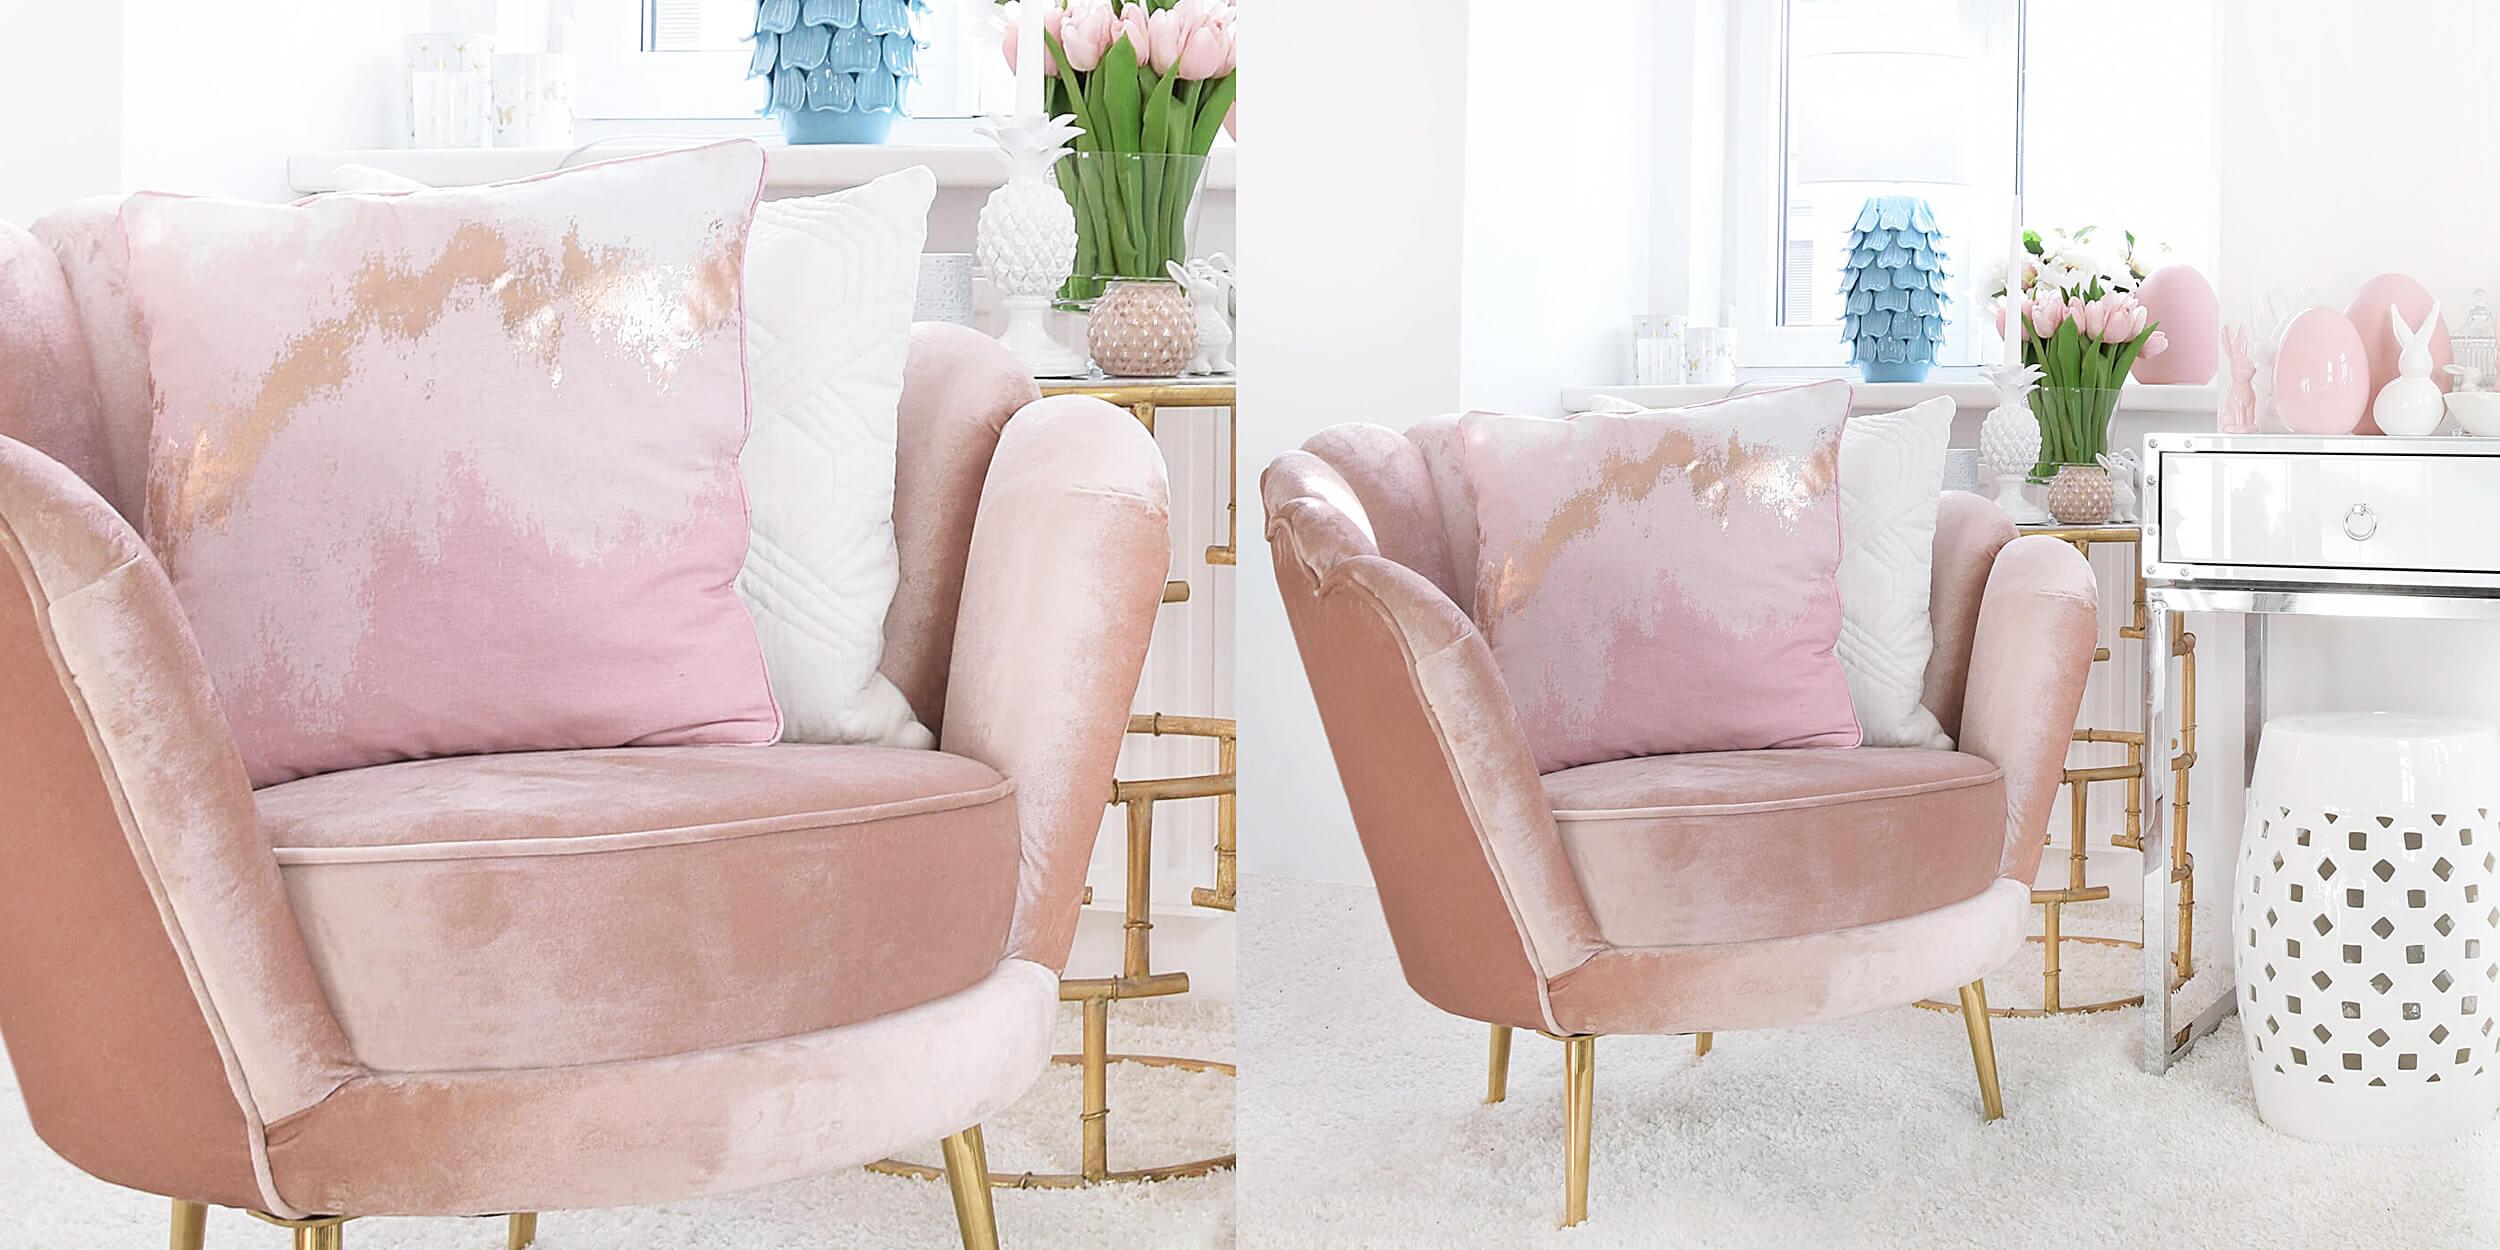 rosa Samstuhl - ein Stückchen Himmel :)